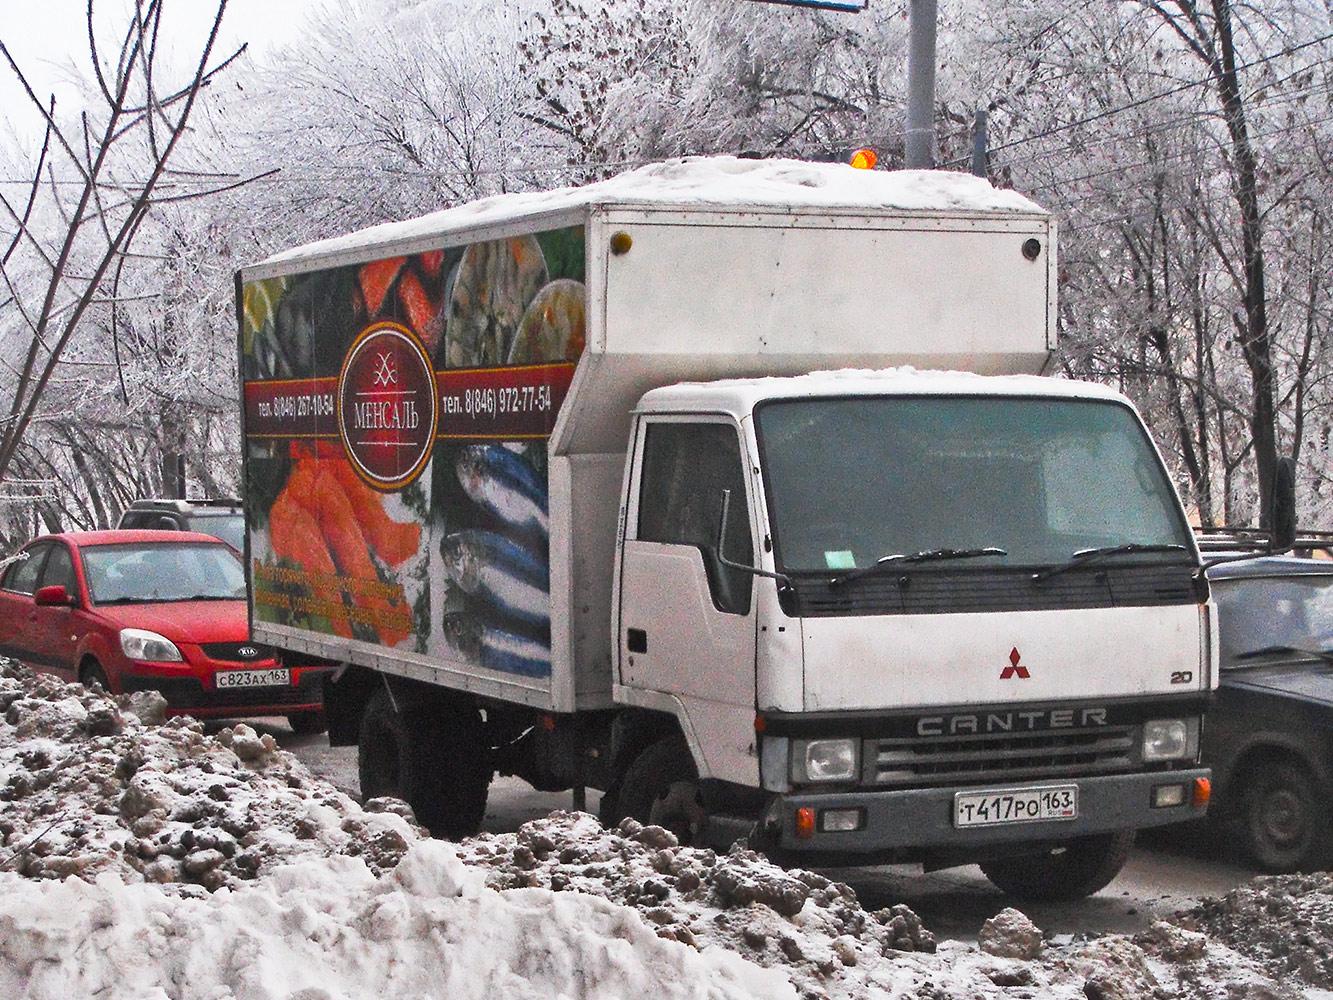 Фургон на шасси Mitsubishi Fuso Canter #Т417РО163. г. Самара, ул. Аэродромная